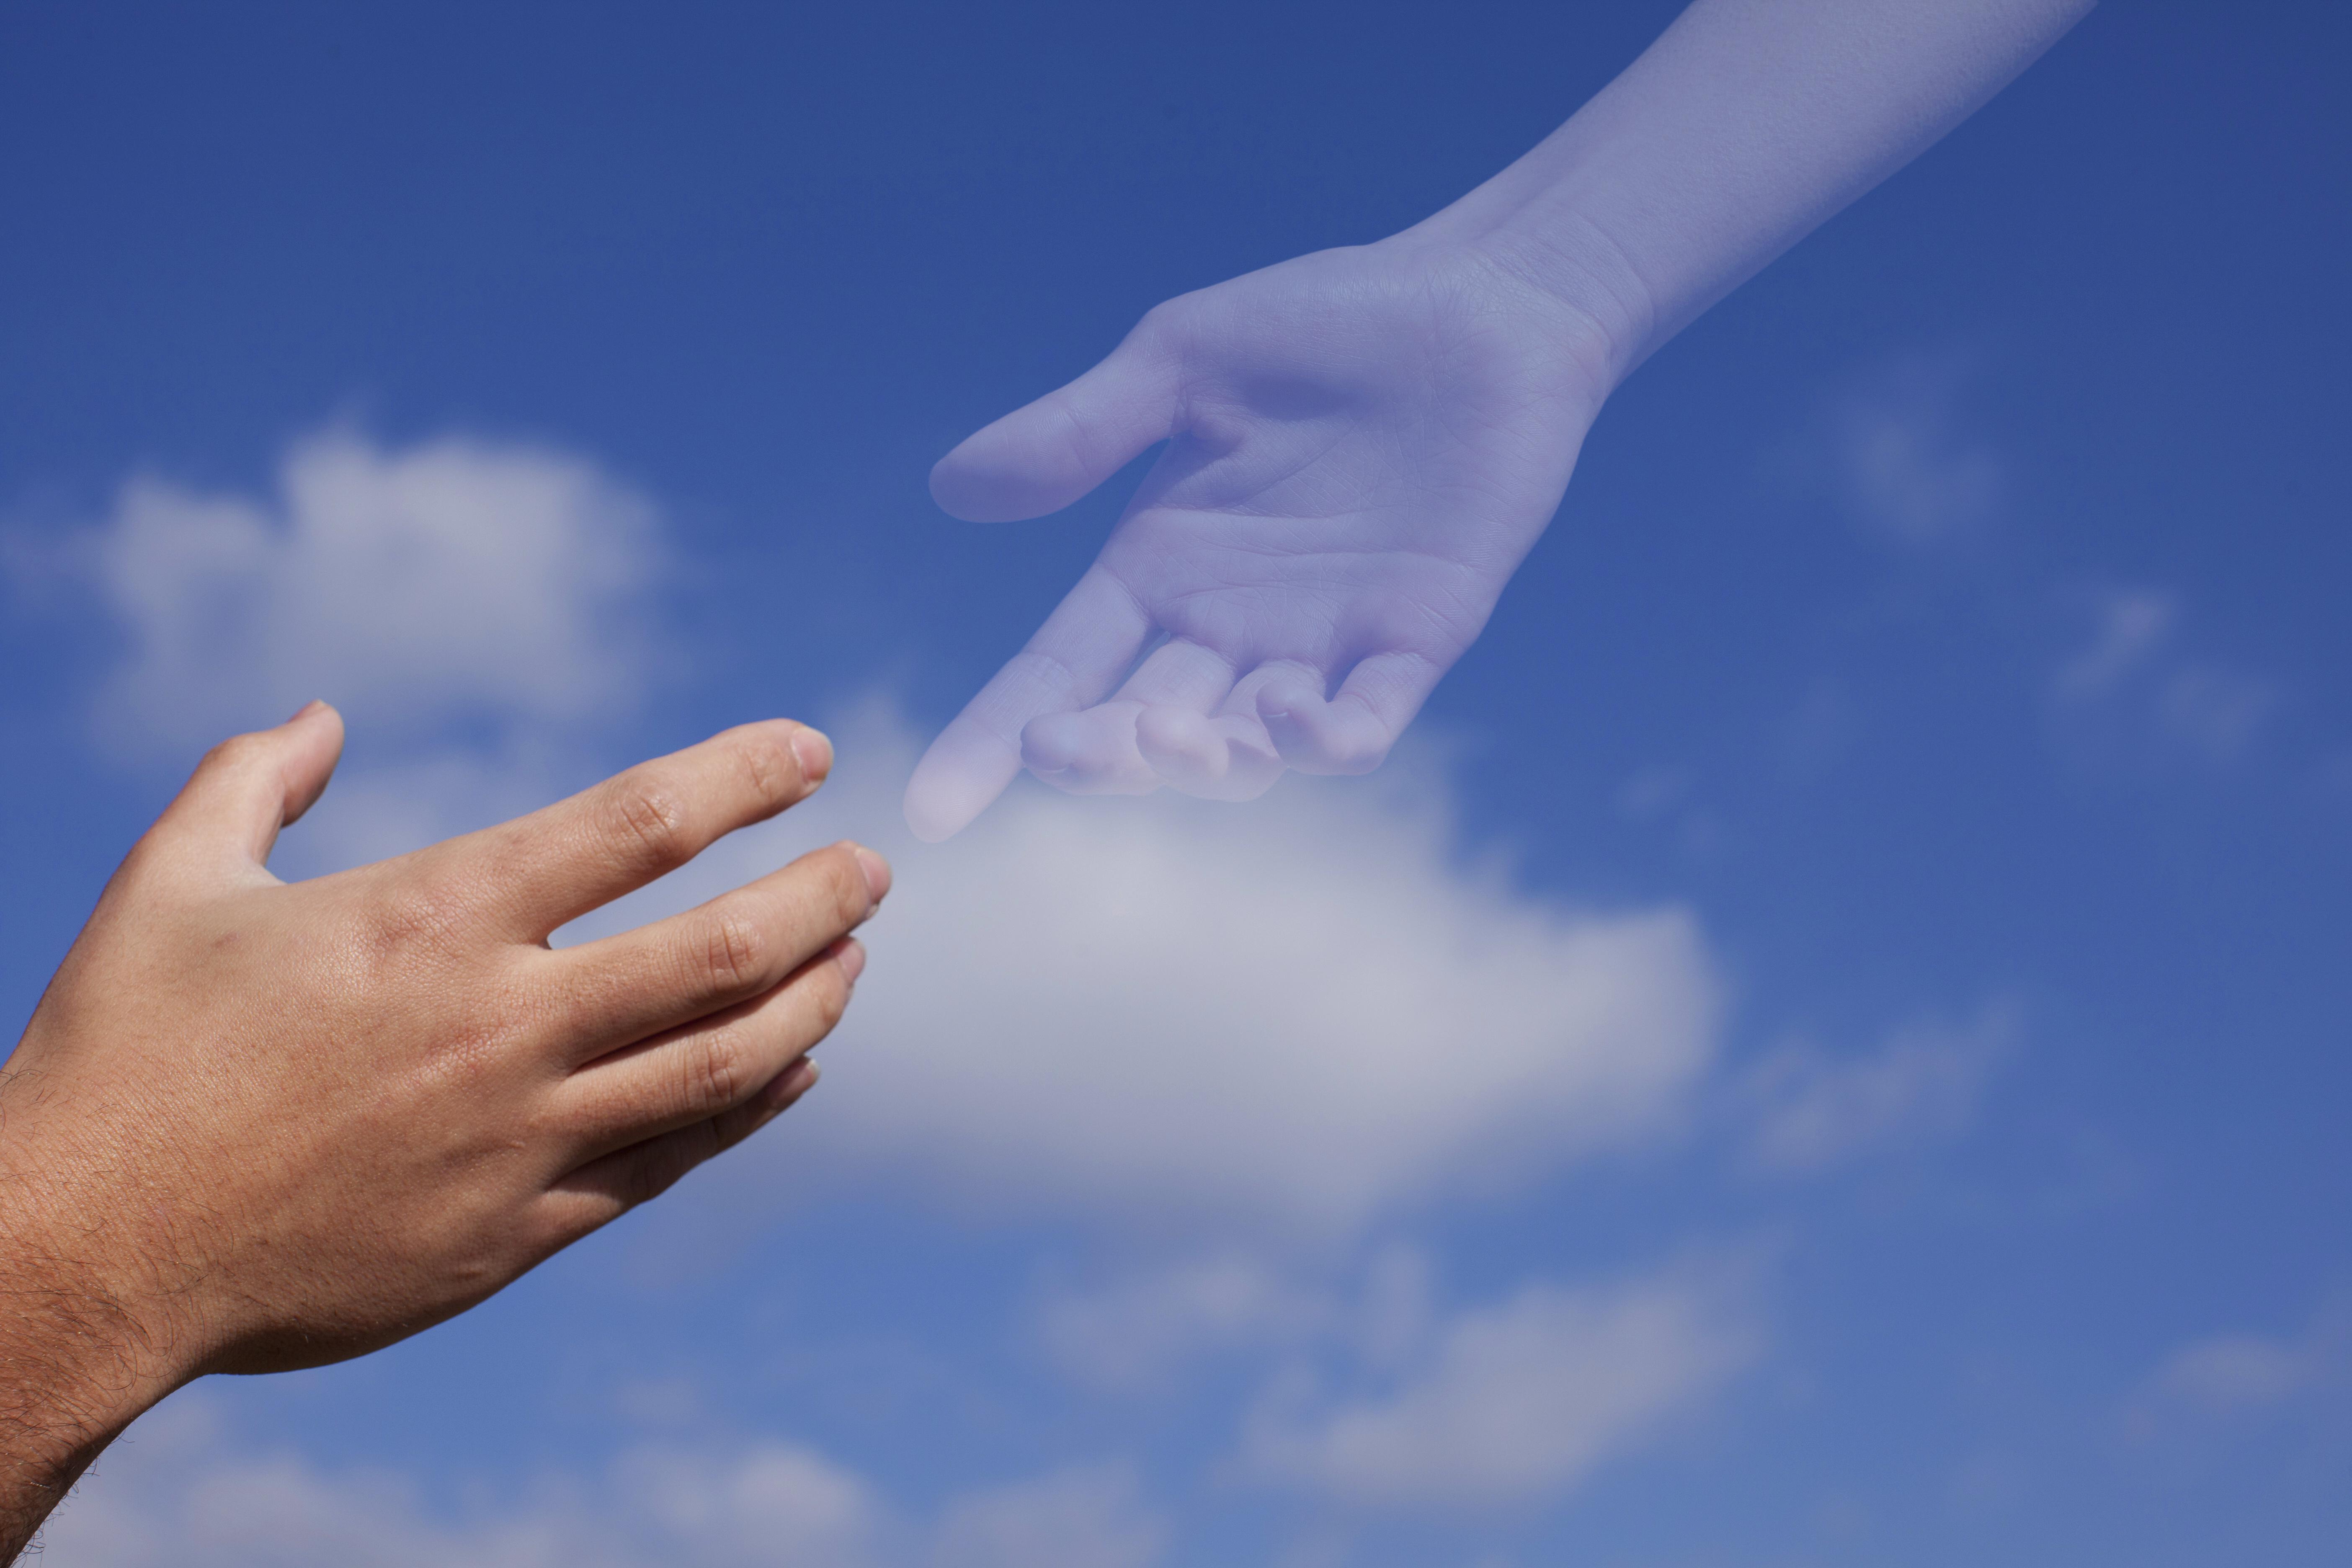 生前葬の意義や方法とは?メリット・デメリットの両面から解説のサムネイル画像